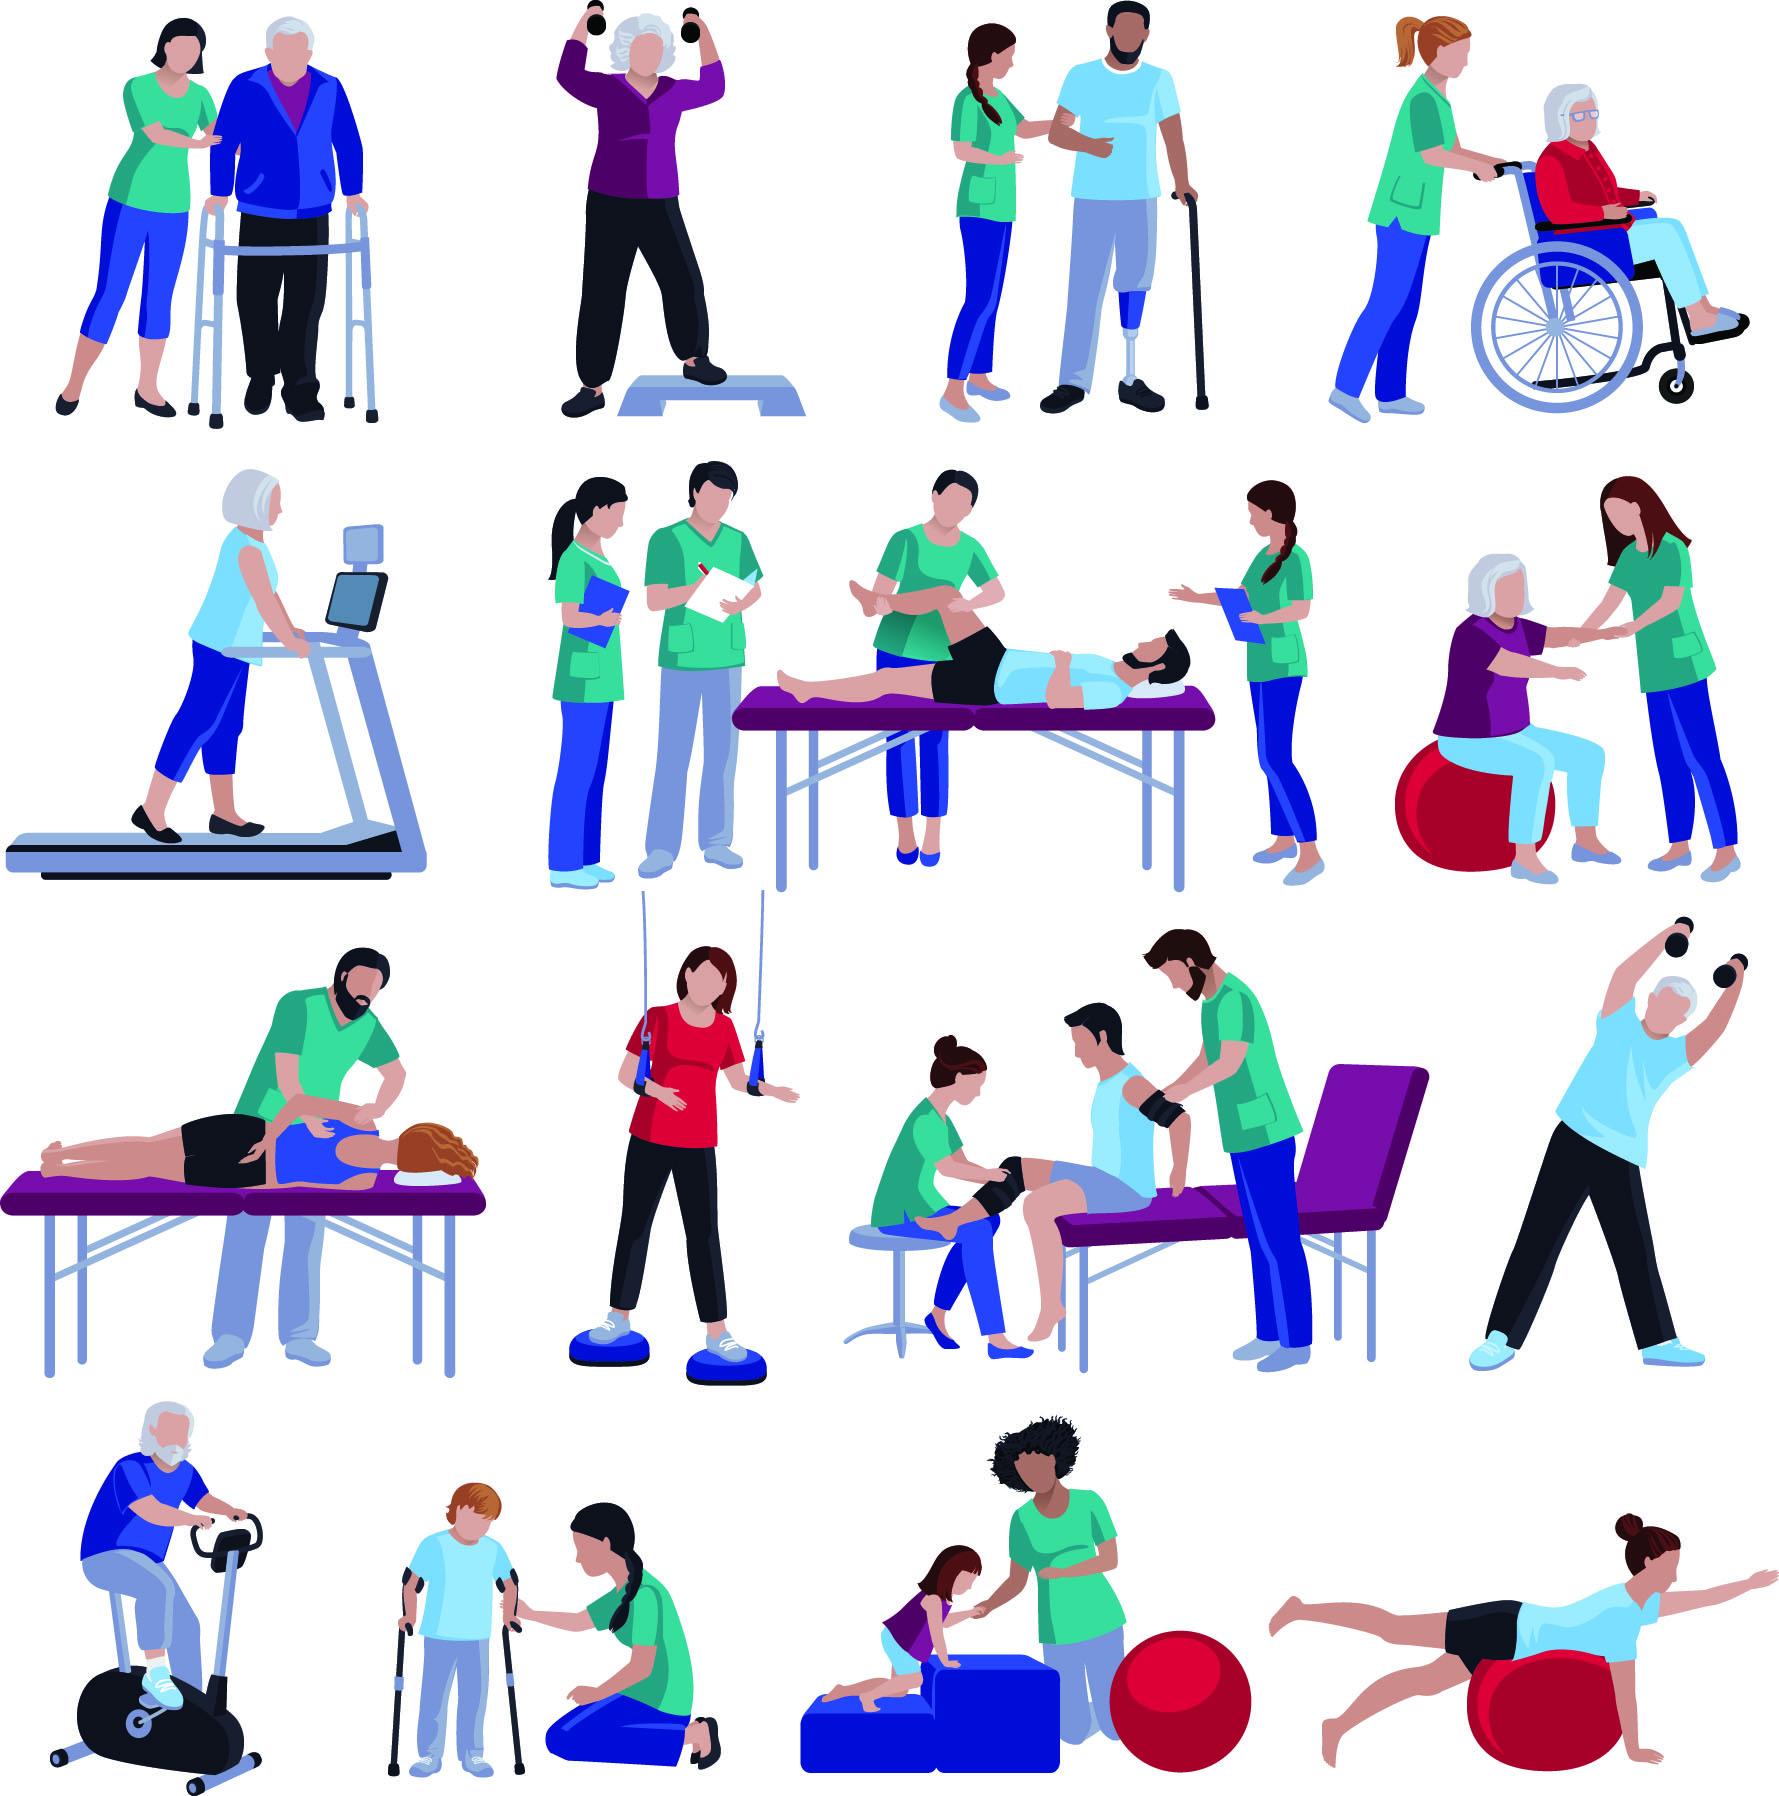 Grafische Darstellung der verschiedenen Maßnahmen, die in der Physiotherapie Linz angewendet werden, um die volle Bewegungsfähigkeit des Patienten wieder herzustellen.